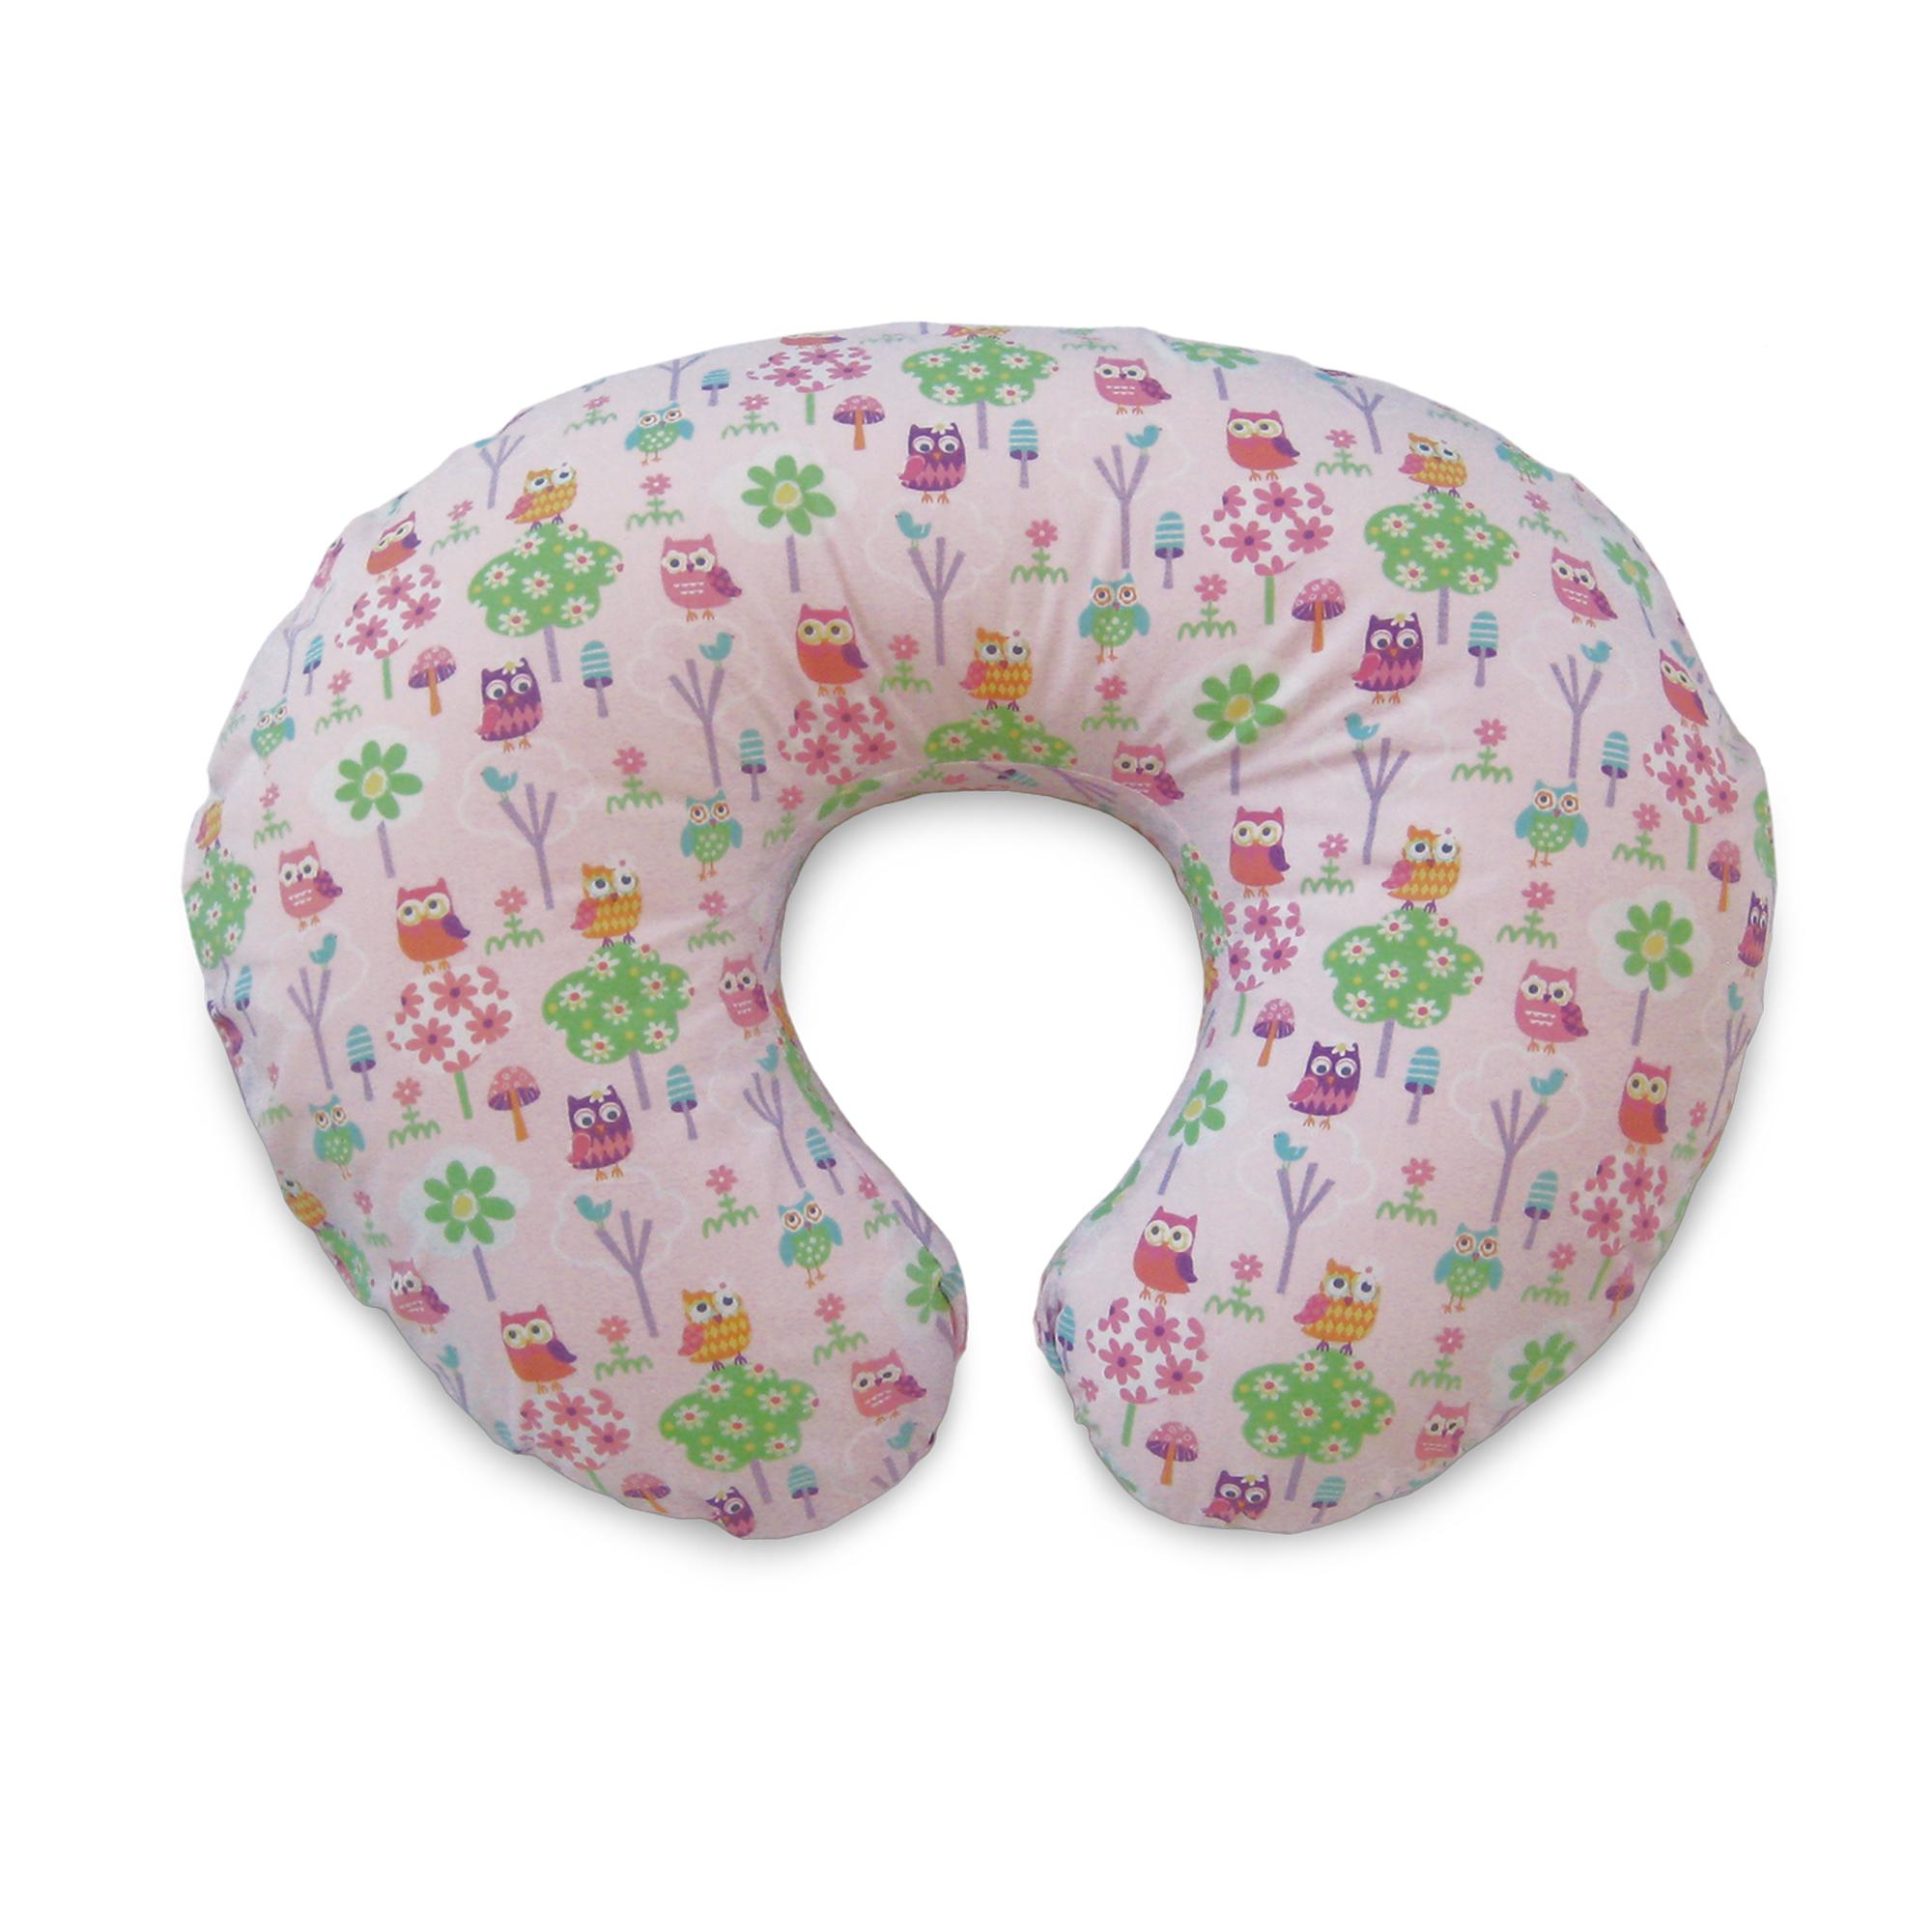 Boppy Printed Boppy Pillow Slipcover  Owls  Flowers